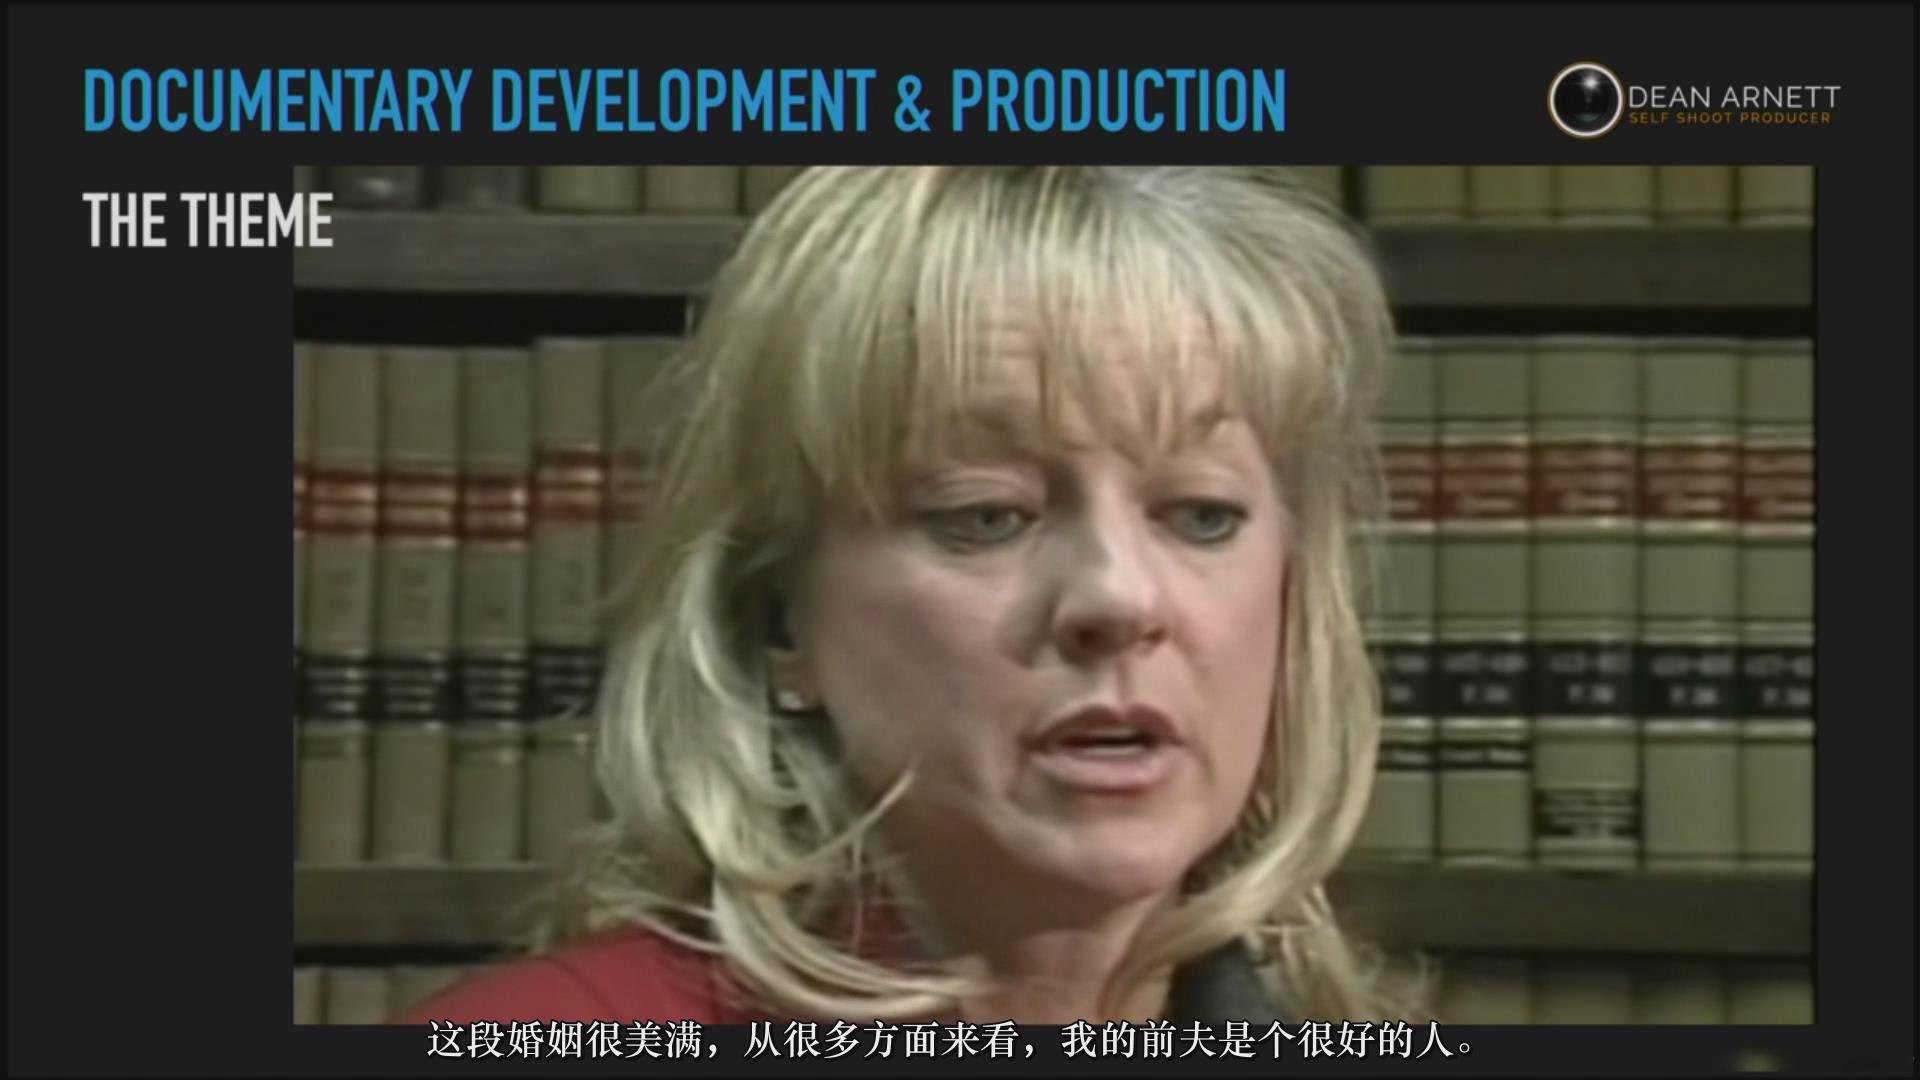 摄影教程_Dean Arnet-权威_广播标准_纪录片开发和制作大师班-中文字幕 摄影教程 _预览图7